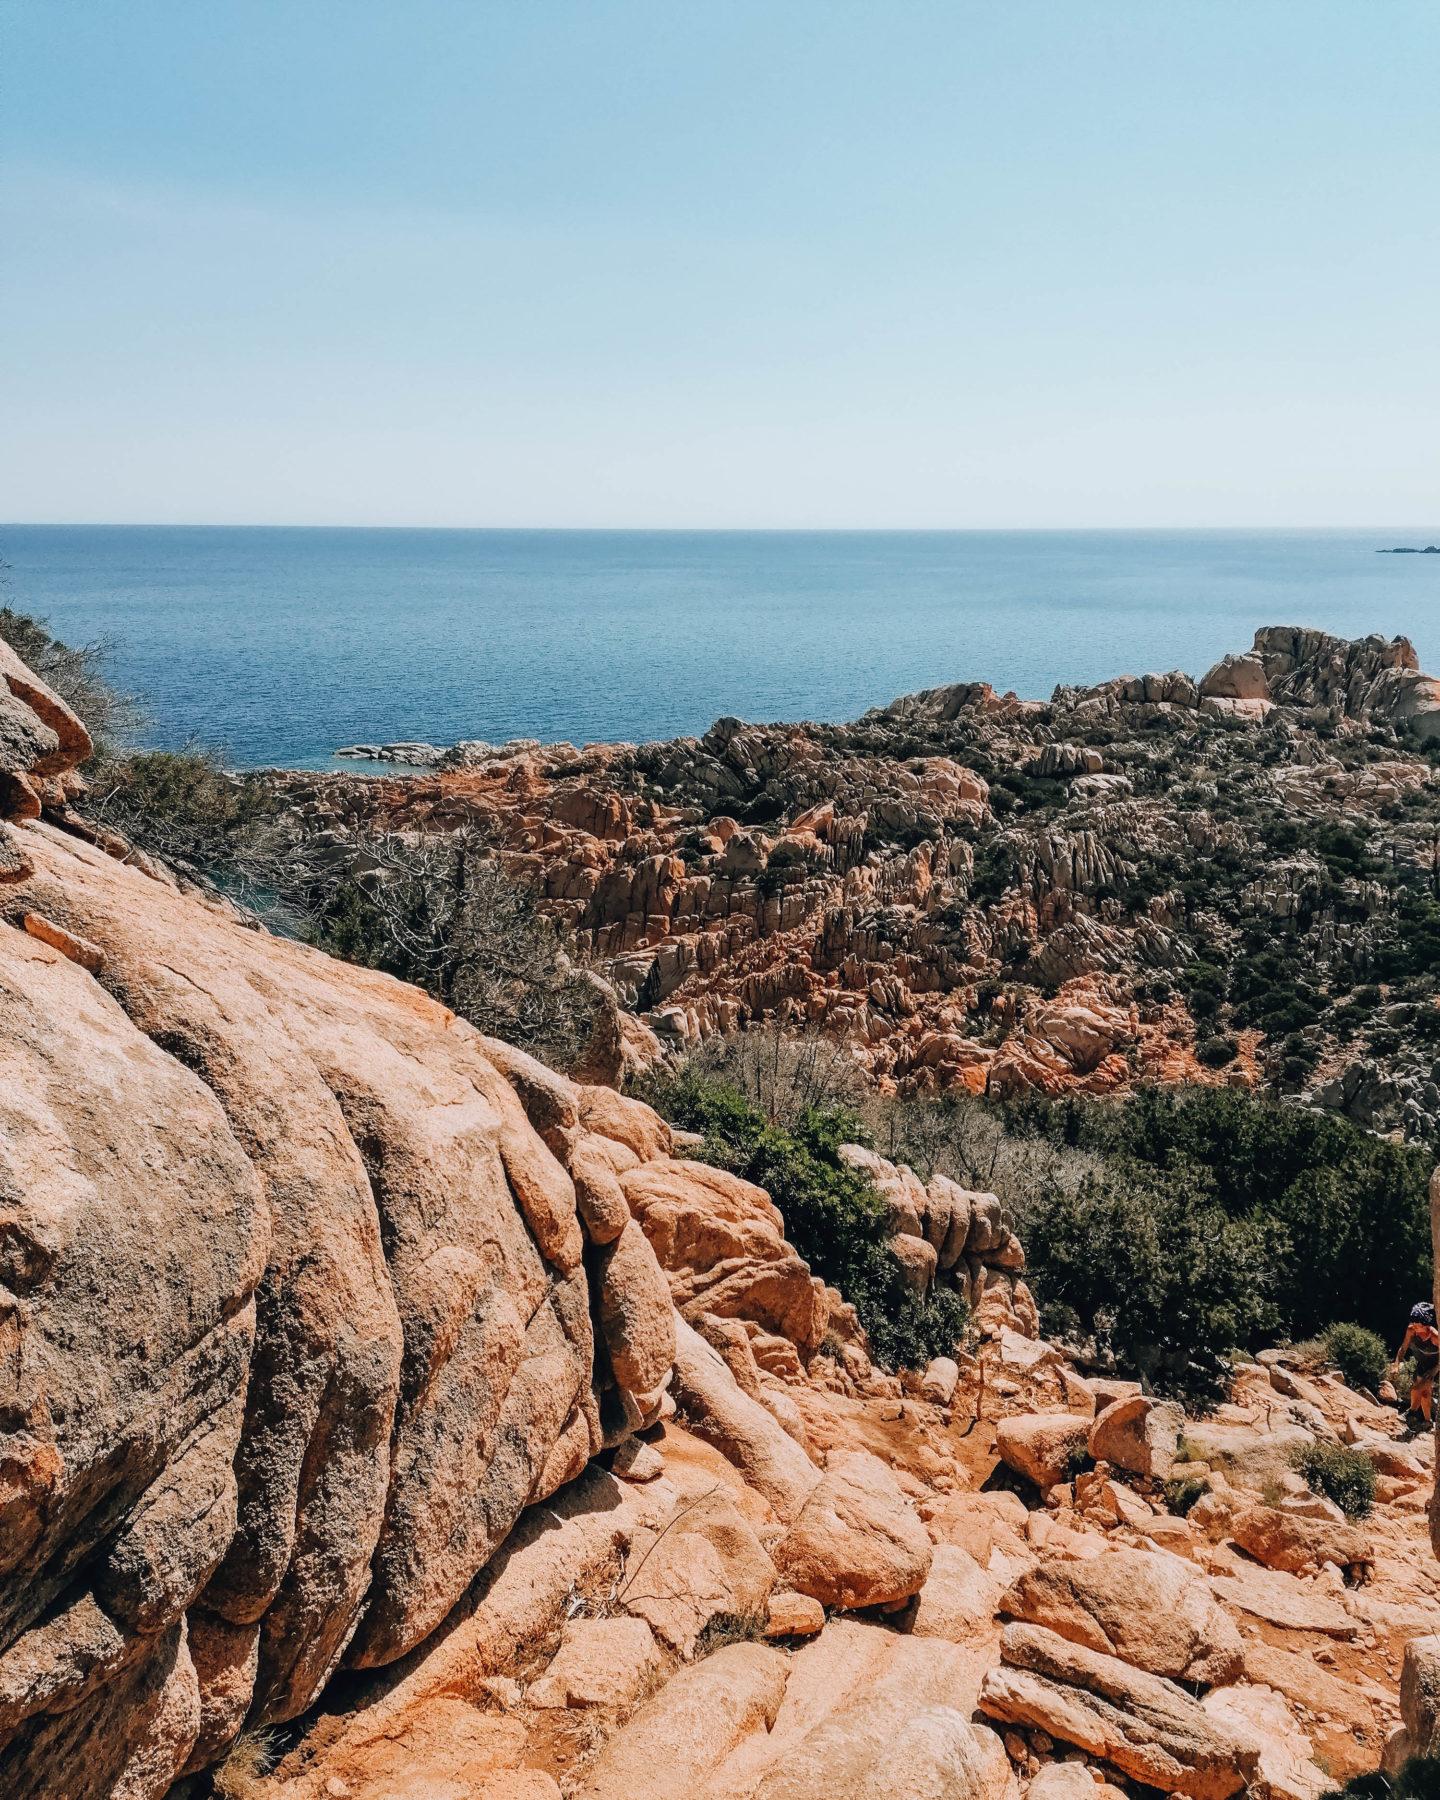 veduta sul mare azzurro e rocce granitiche